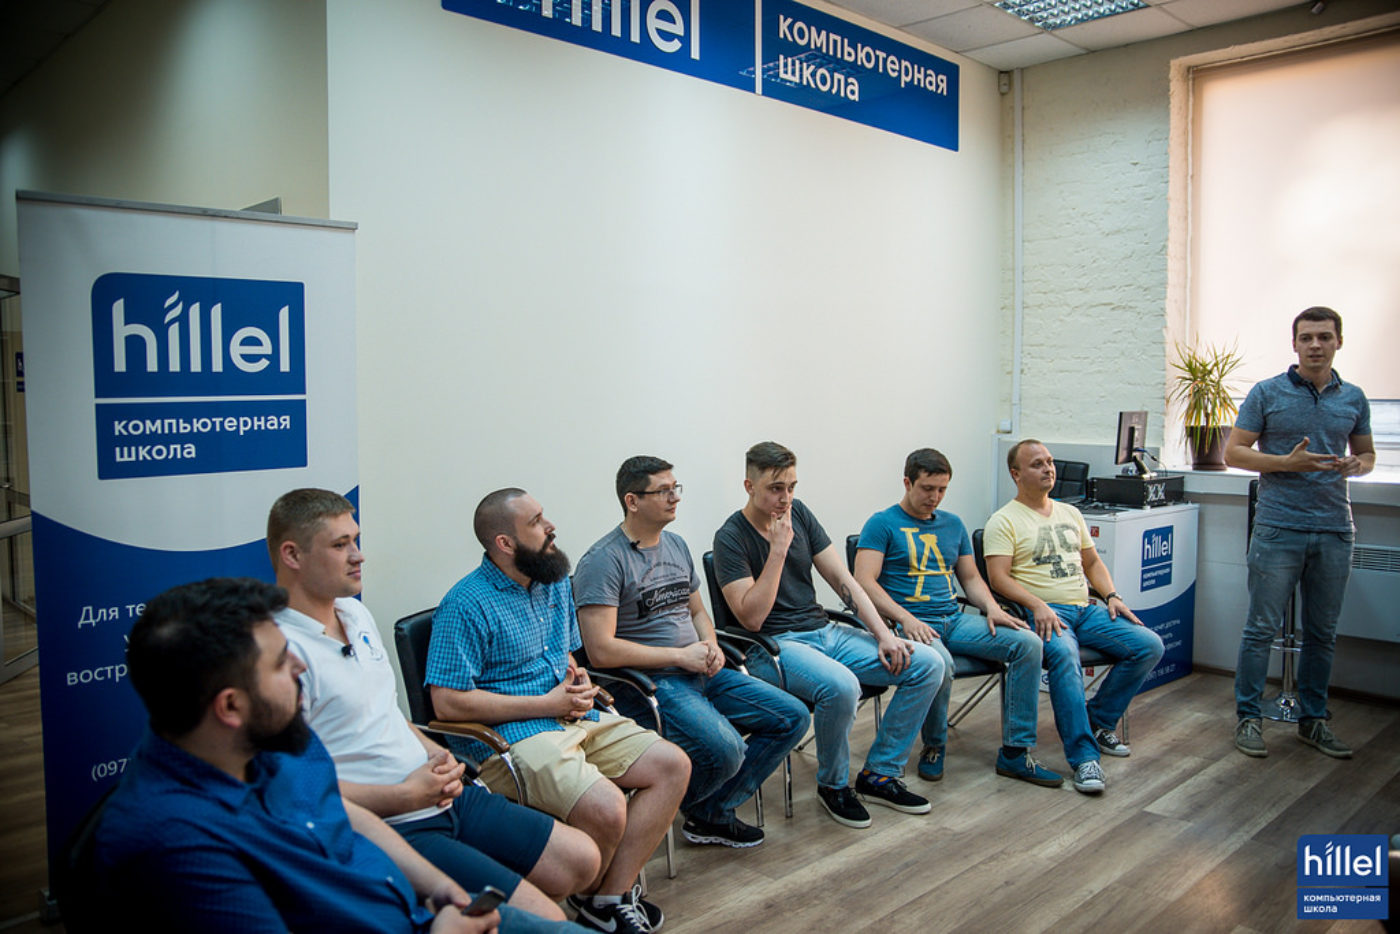 События: Встреча «Моя первая работа в IT»